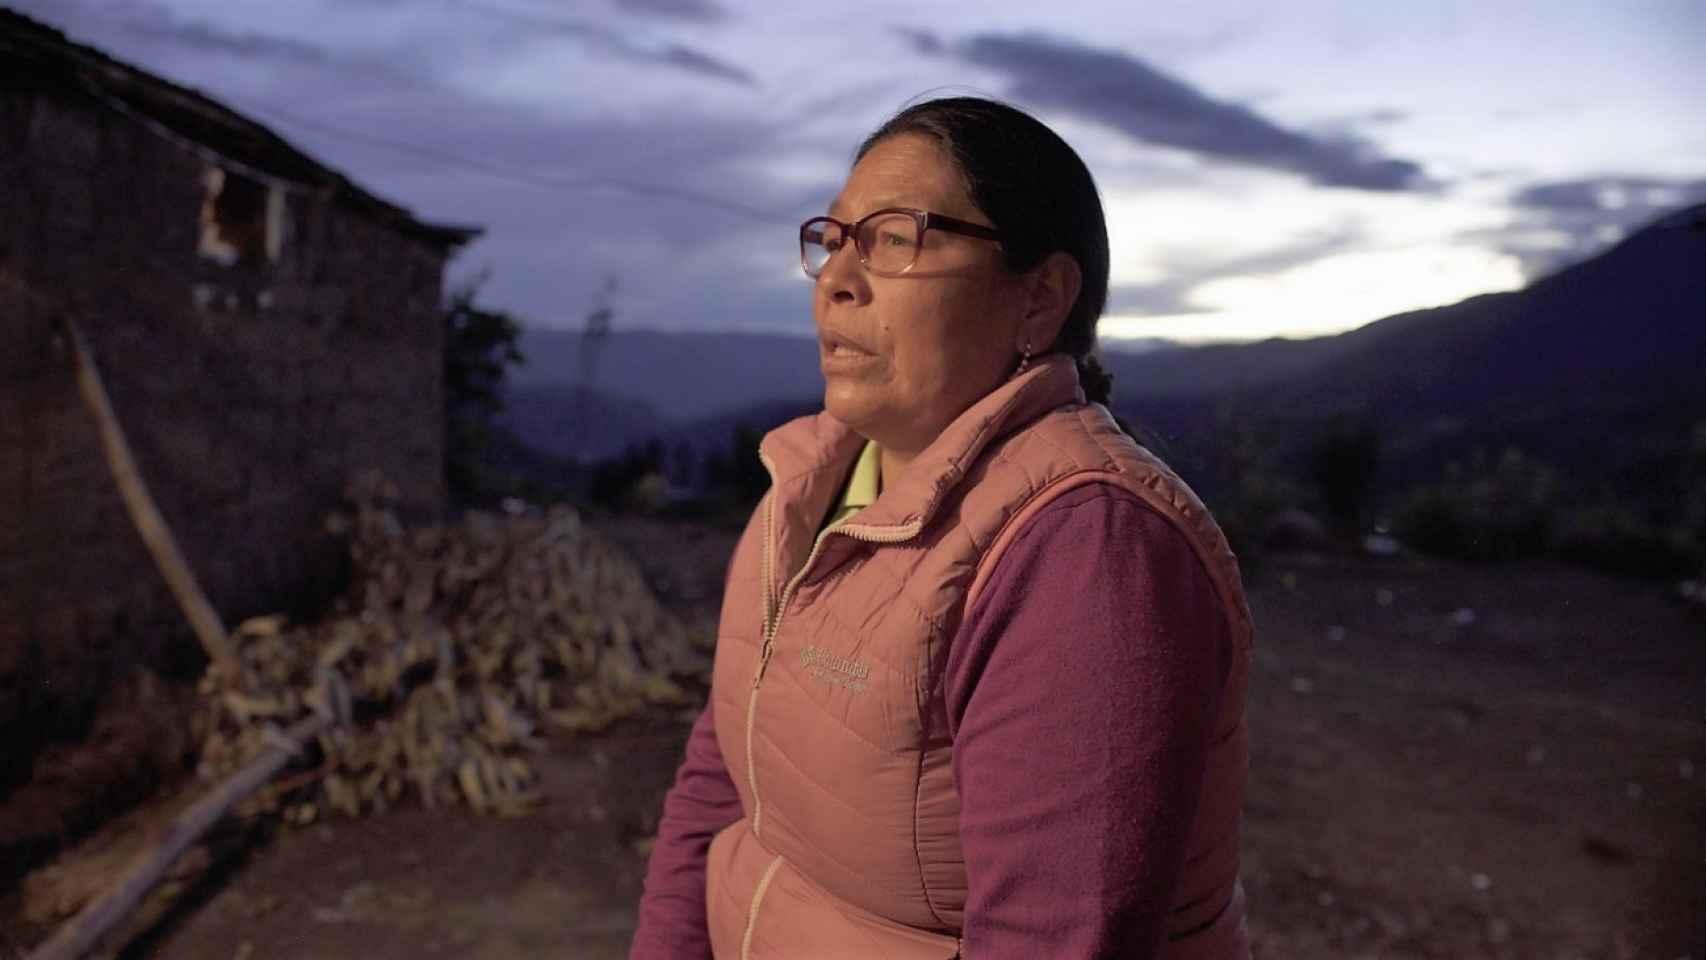 Rute Zúñiga, en Pampaconga, Limatambo, Anta, Cusco. Marzo, 2021.